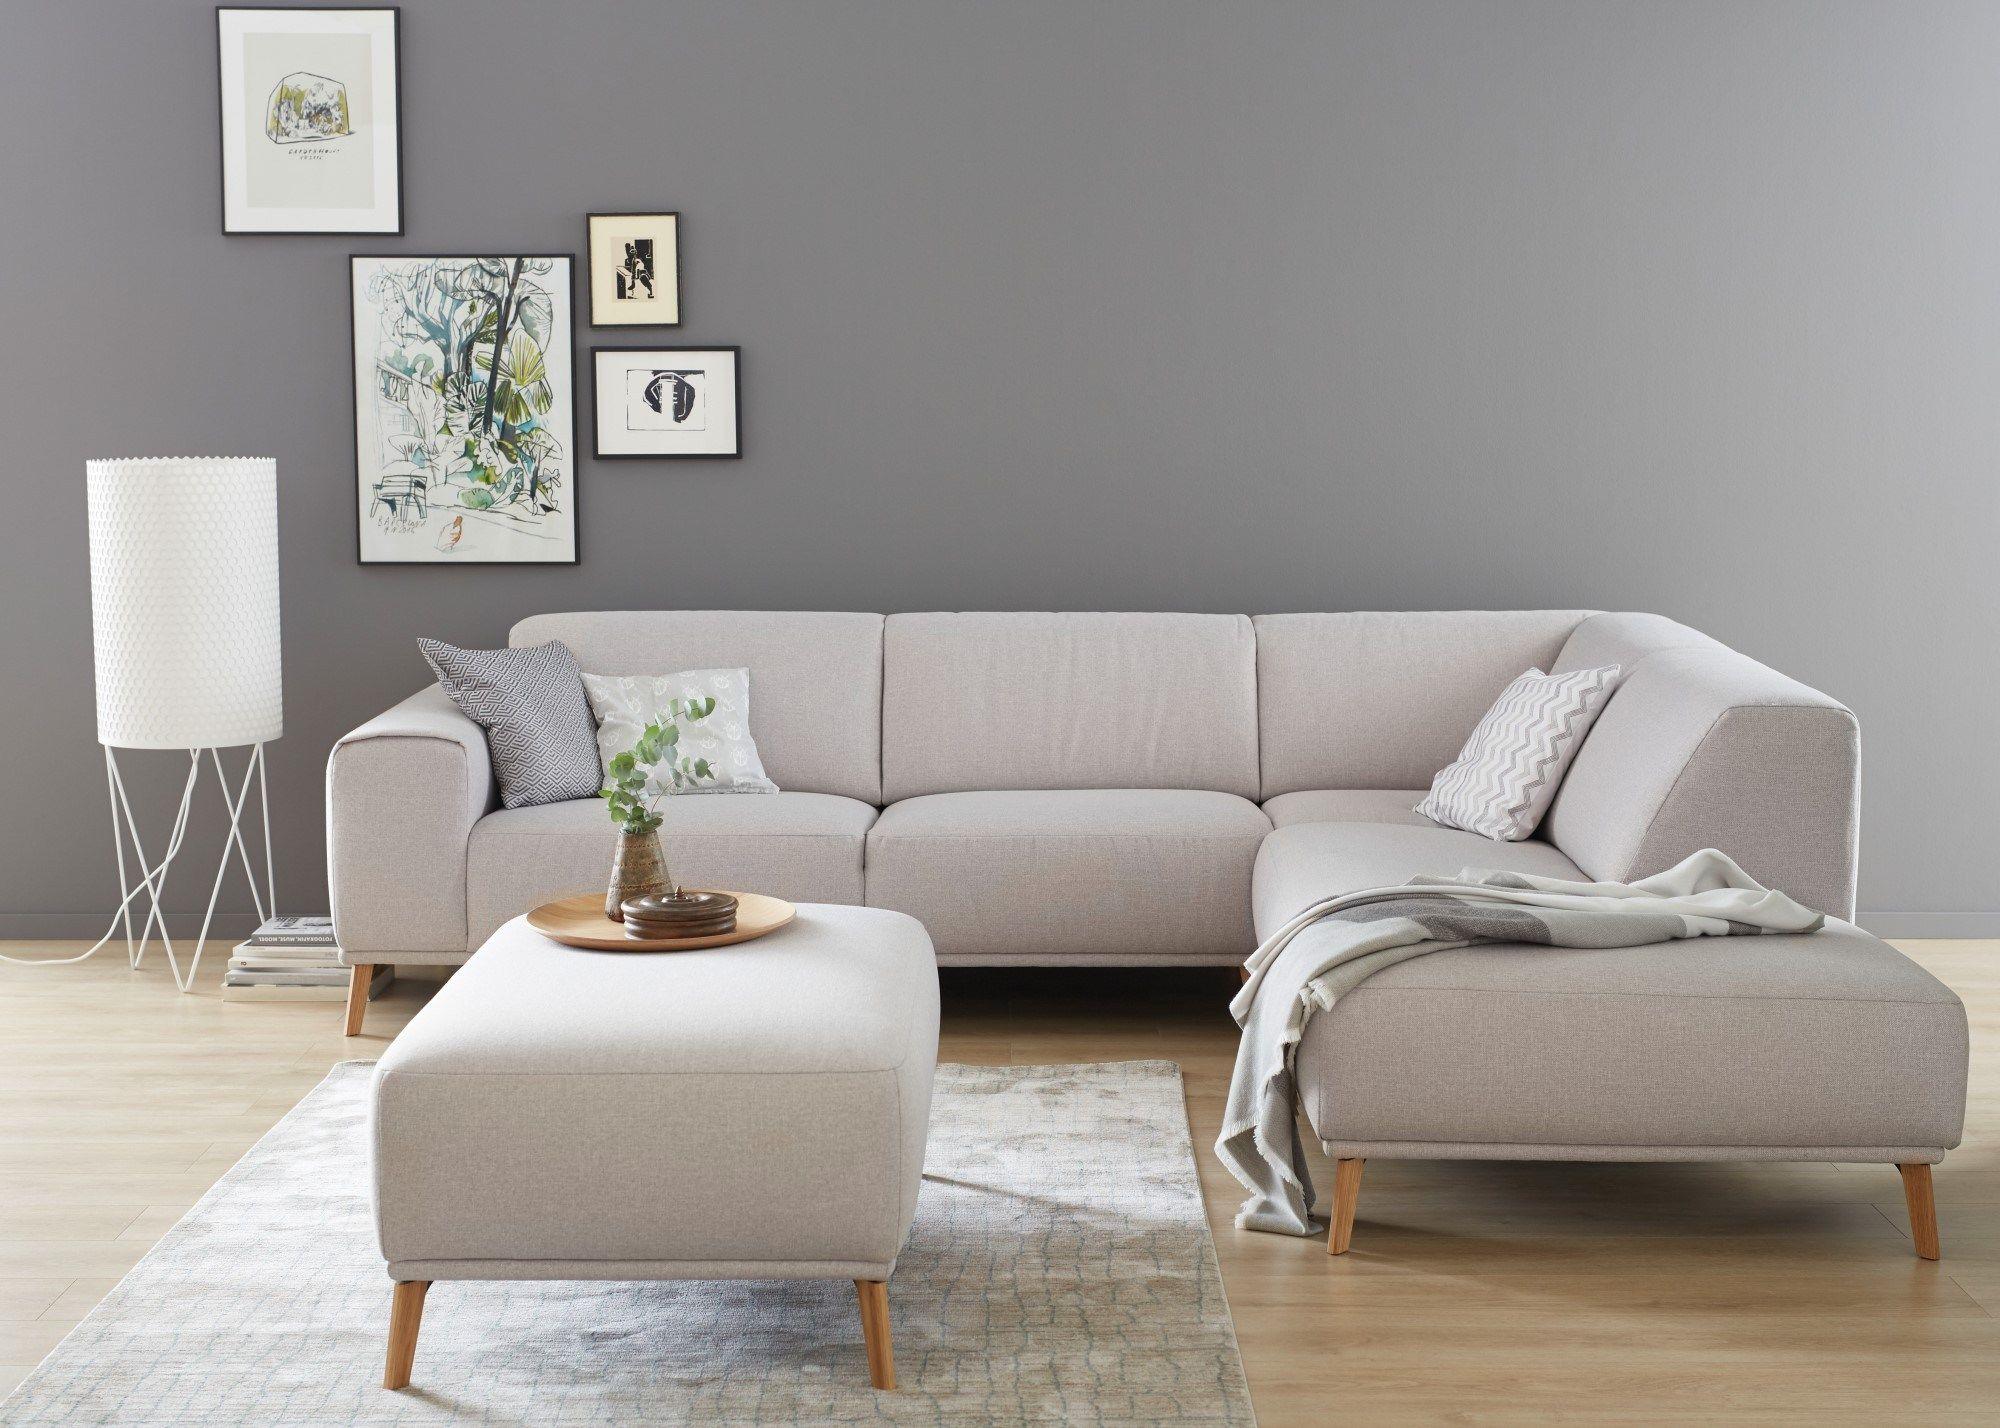 Wohnzimmer Grun Gelb Ein Wohnzimmer Mit Stockholm Drehsesseln Mit Schoner Wohnen Wohnzimmer Sofa Design Sofa Home